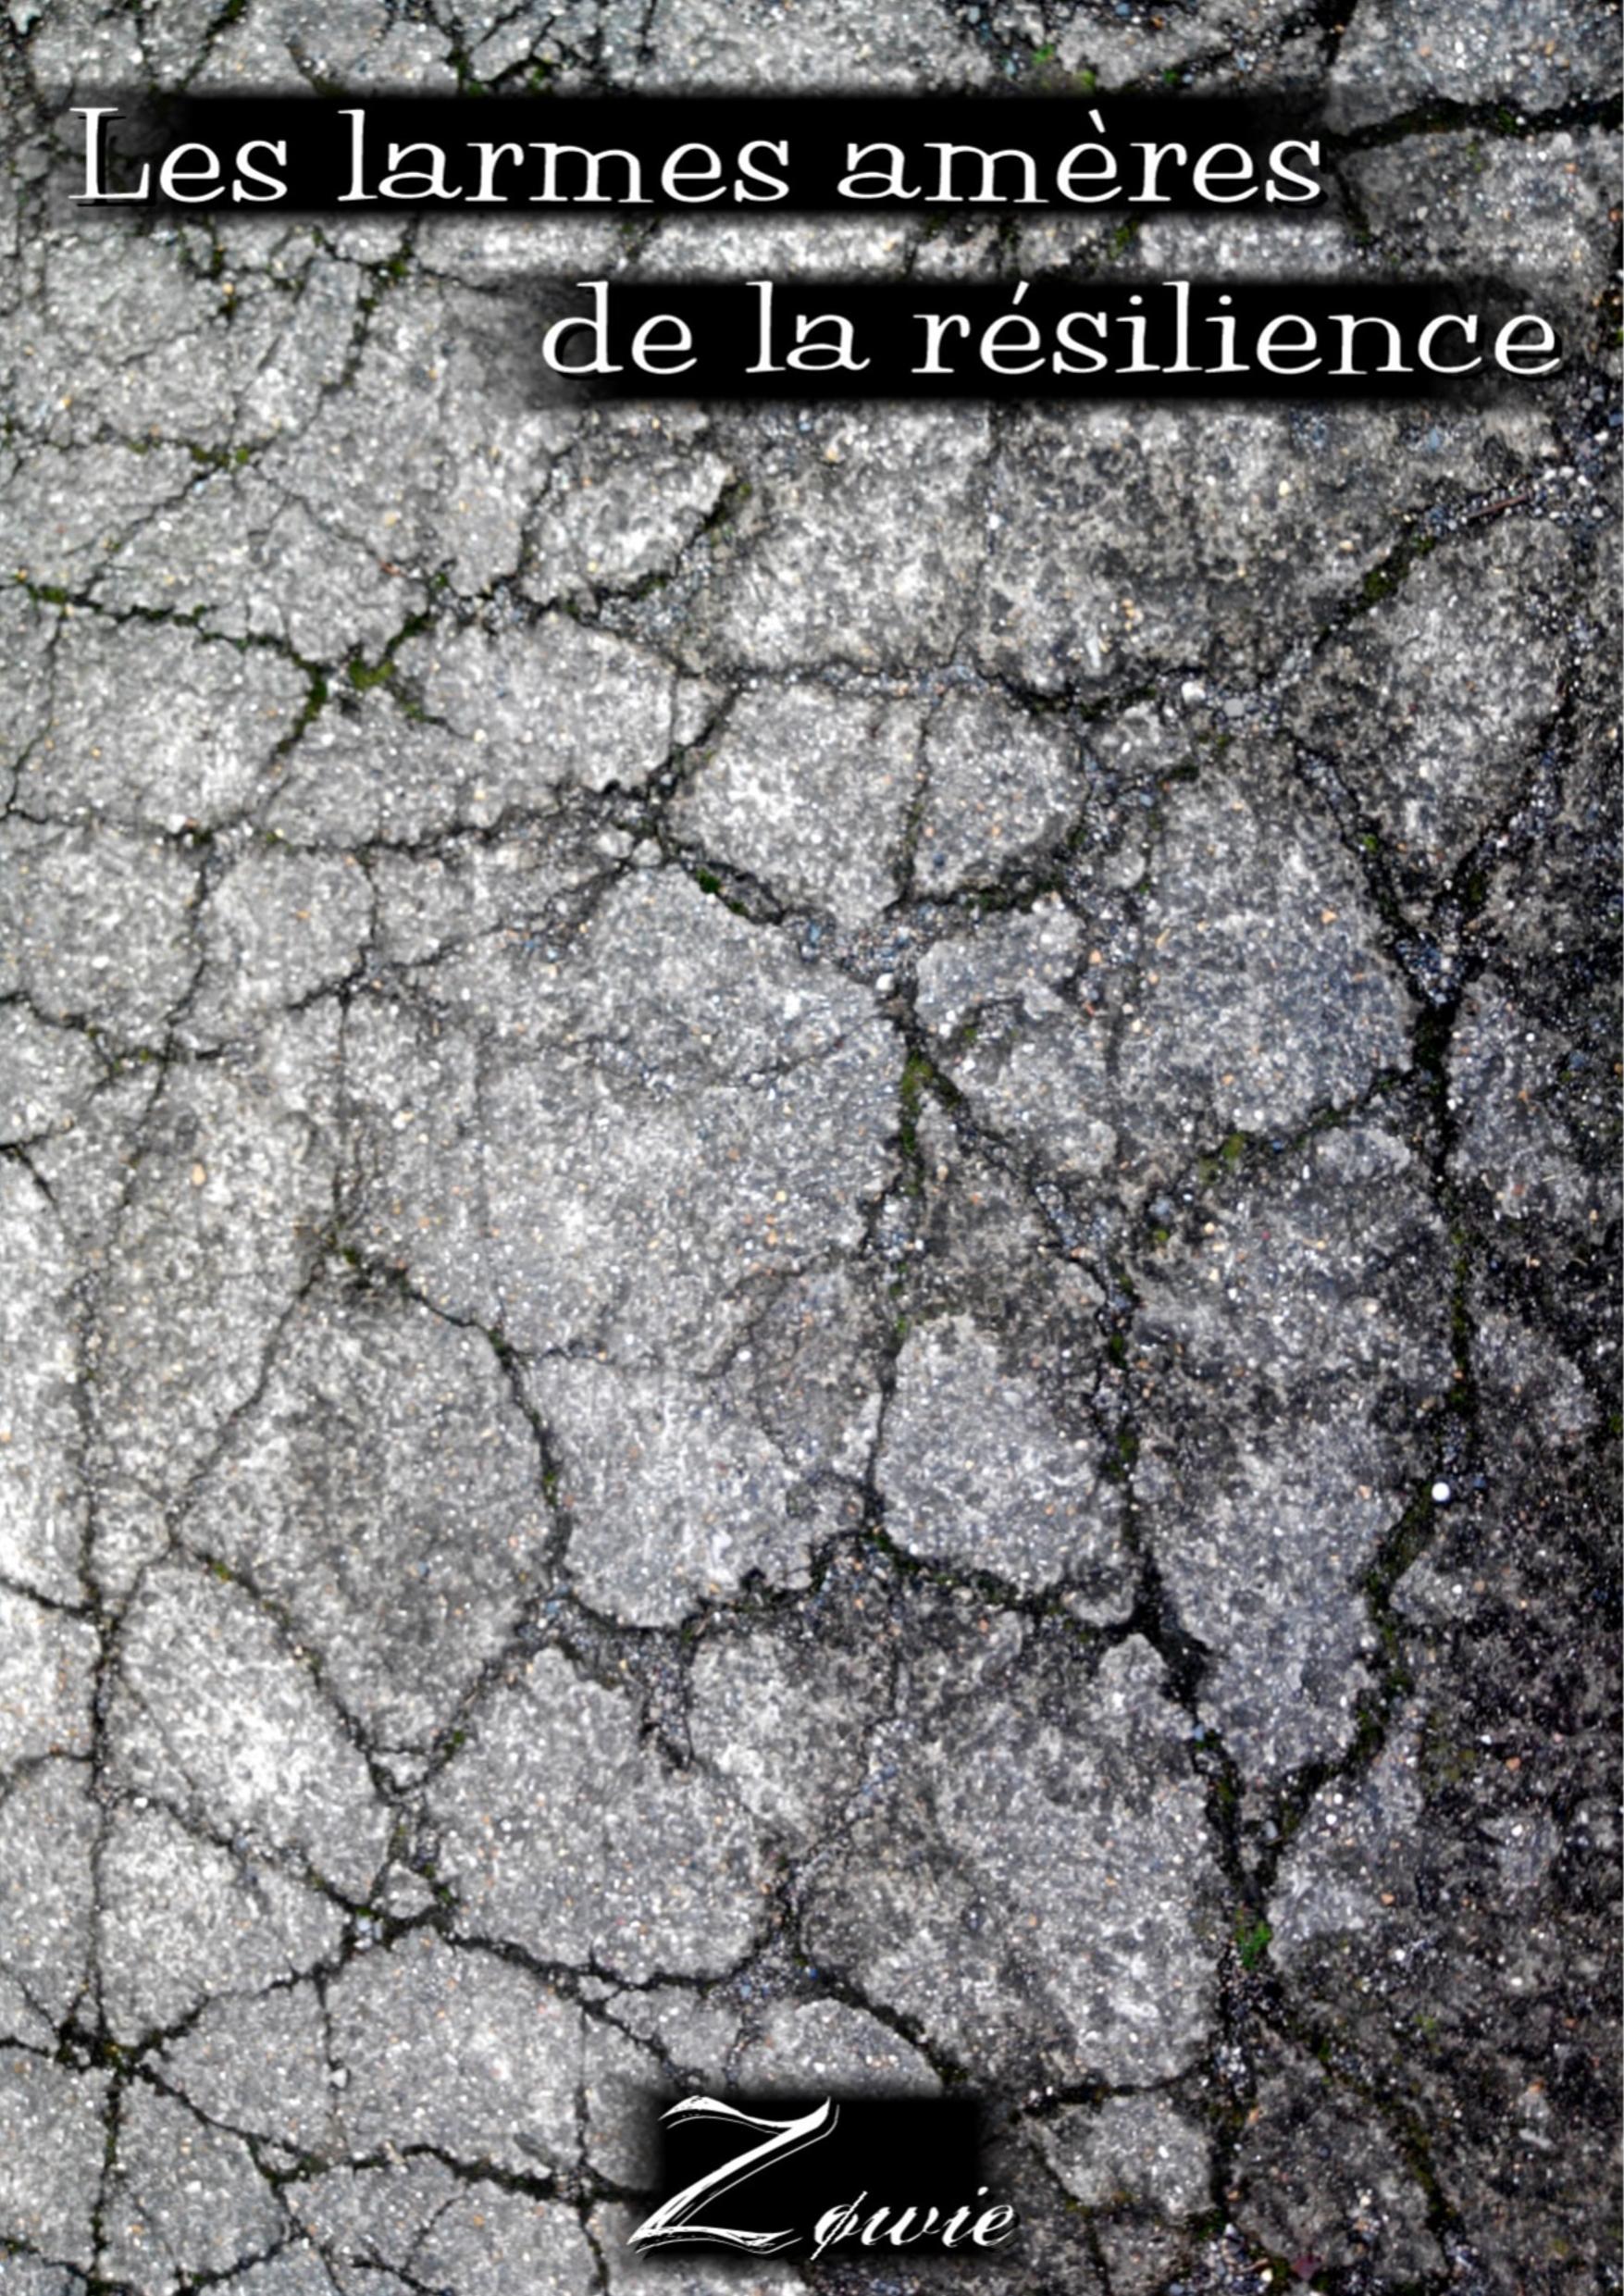 Les larmes amères de la résilience